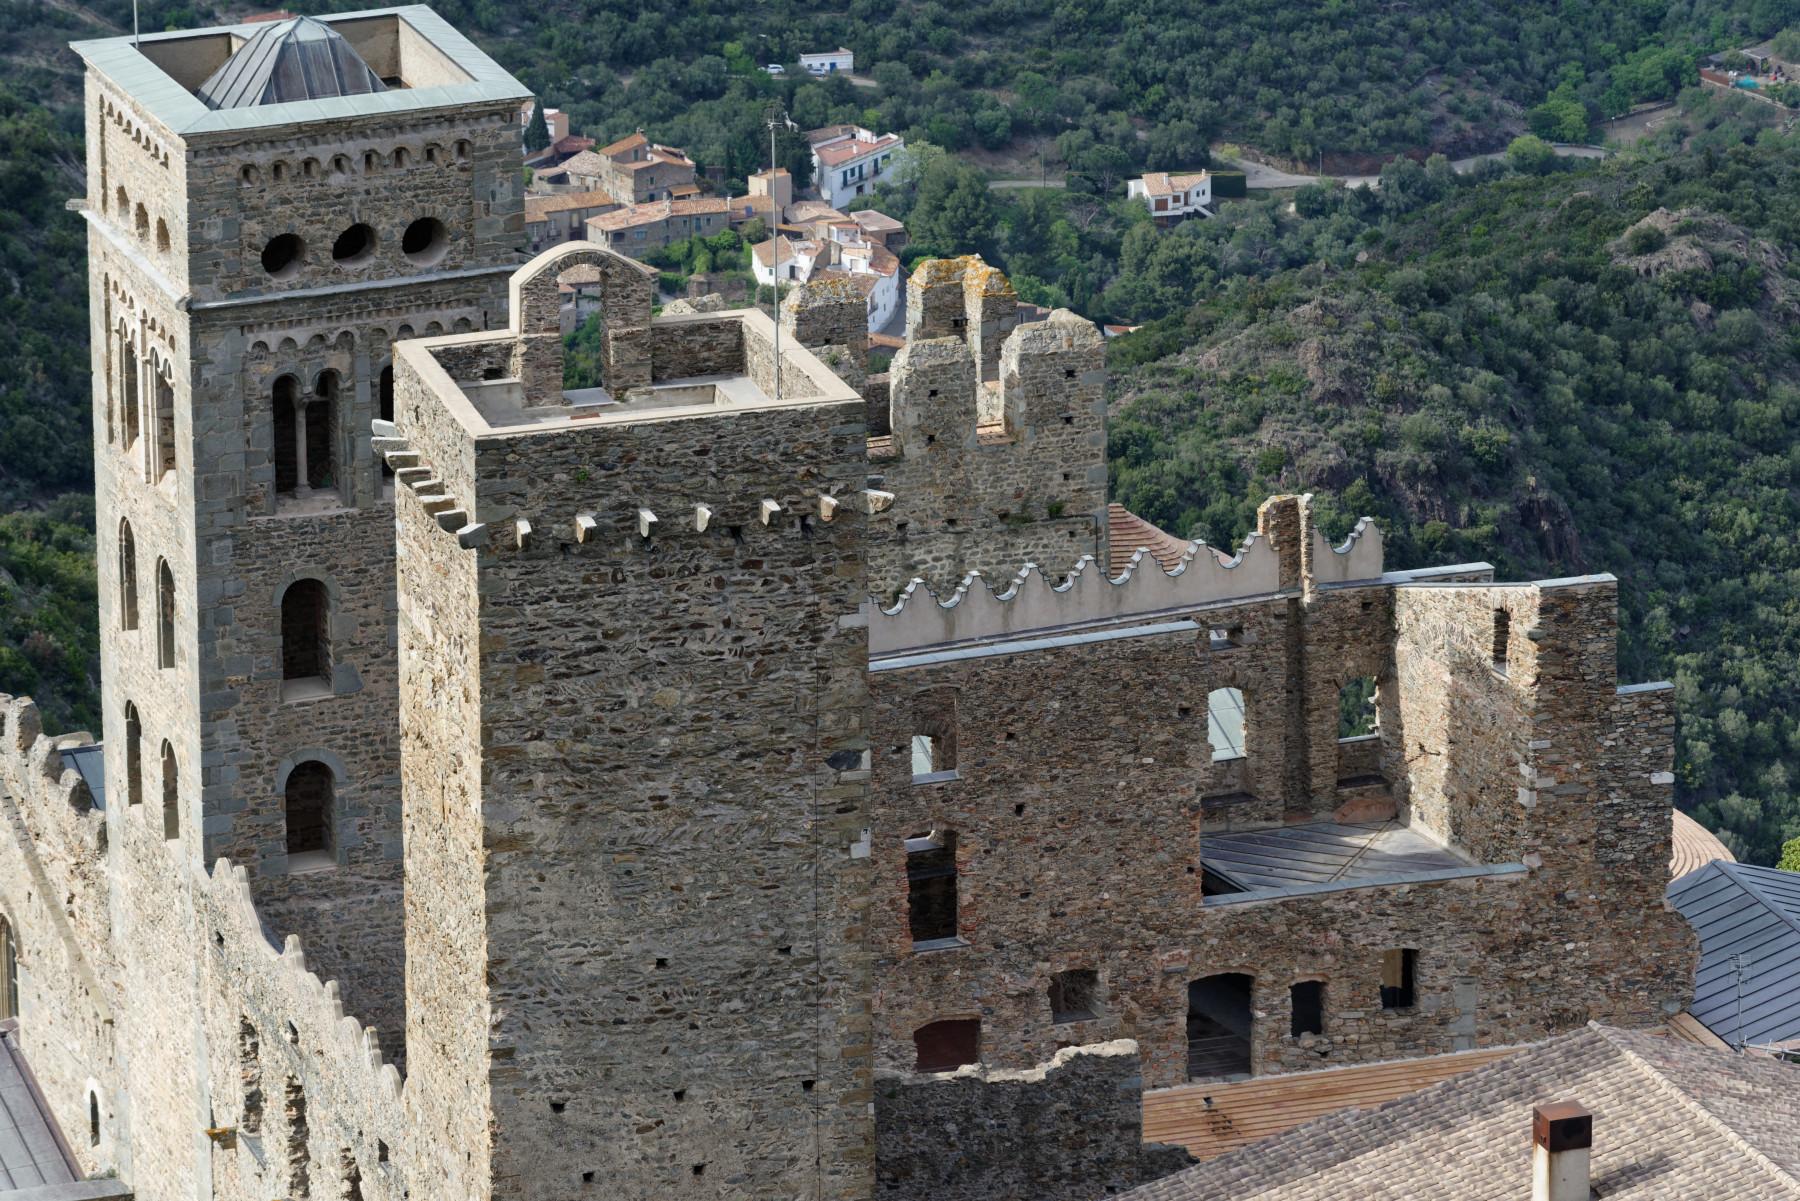 180430-3-Monestir de sant Pedre de Rodes (34) (Catalogne-Espagne)